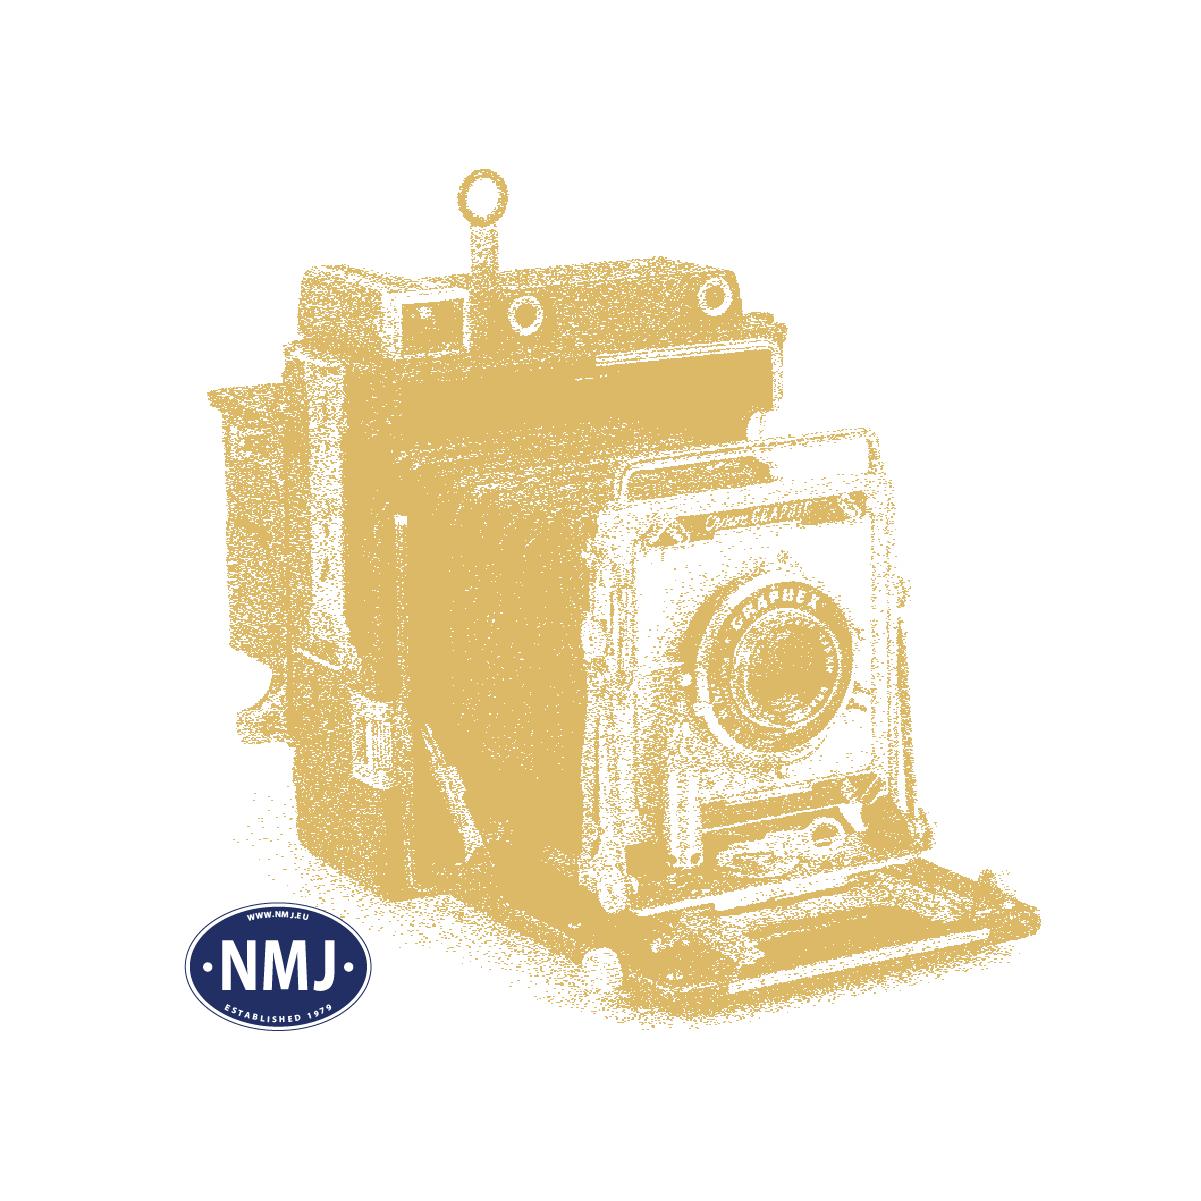 NMJT507.118 - NMJ Topline CargoNet Lgns 42 76 443 2413-4, LINJEGODS